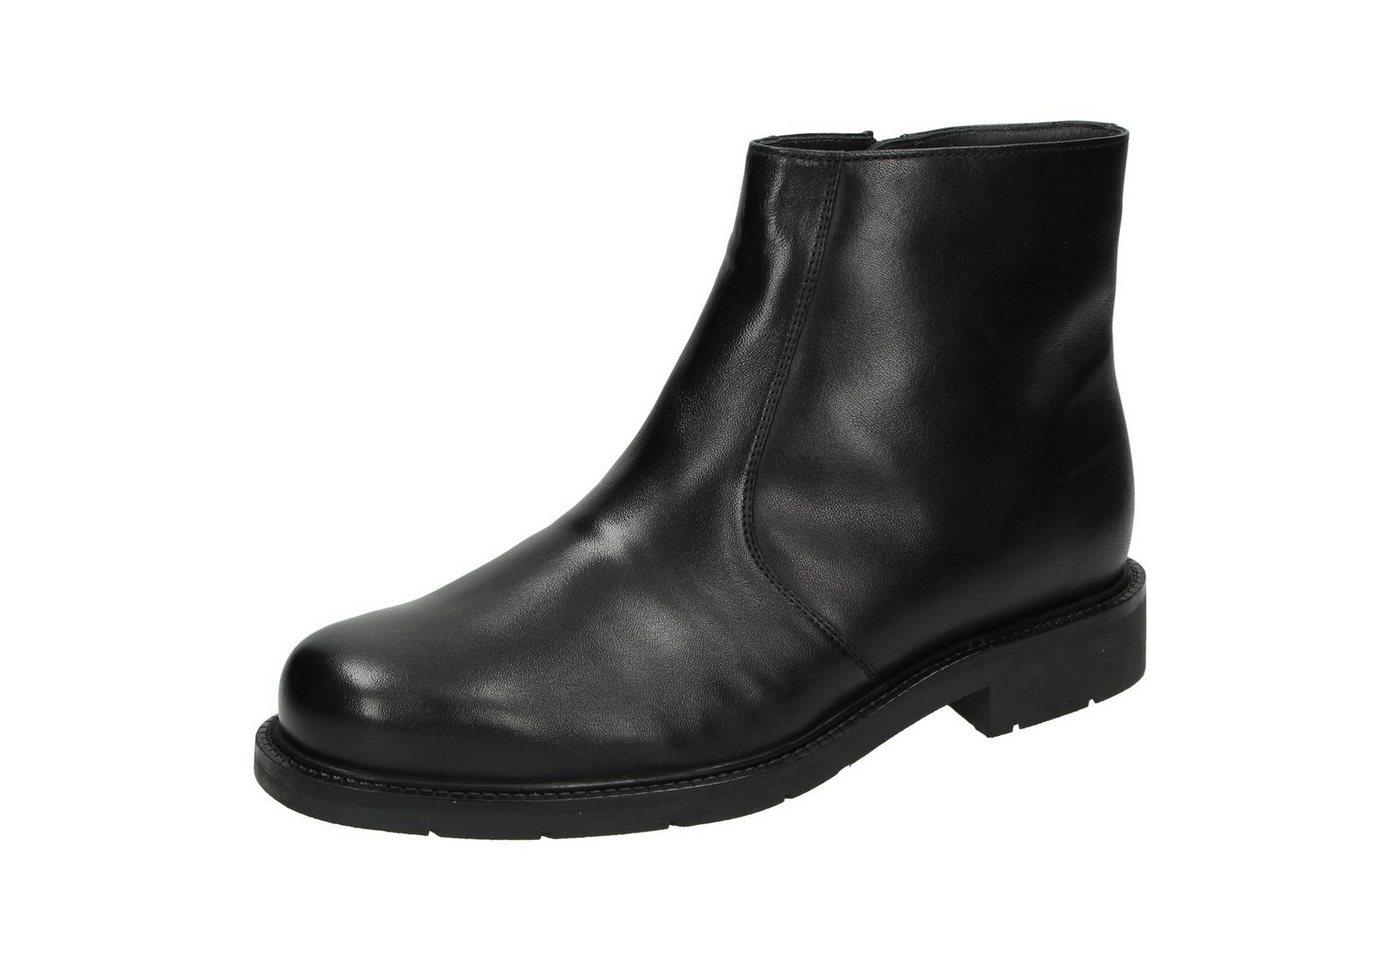 Herren SIOUX  Morgan-LF-XXXL Stiefelette schwarz | 04040141008769